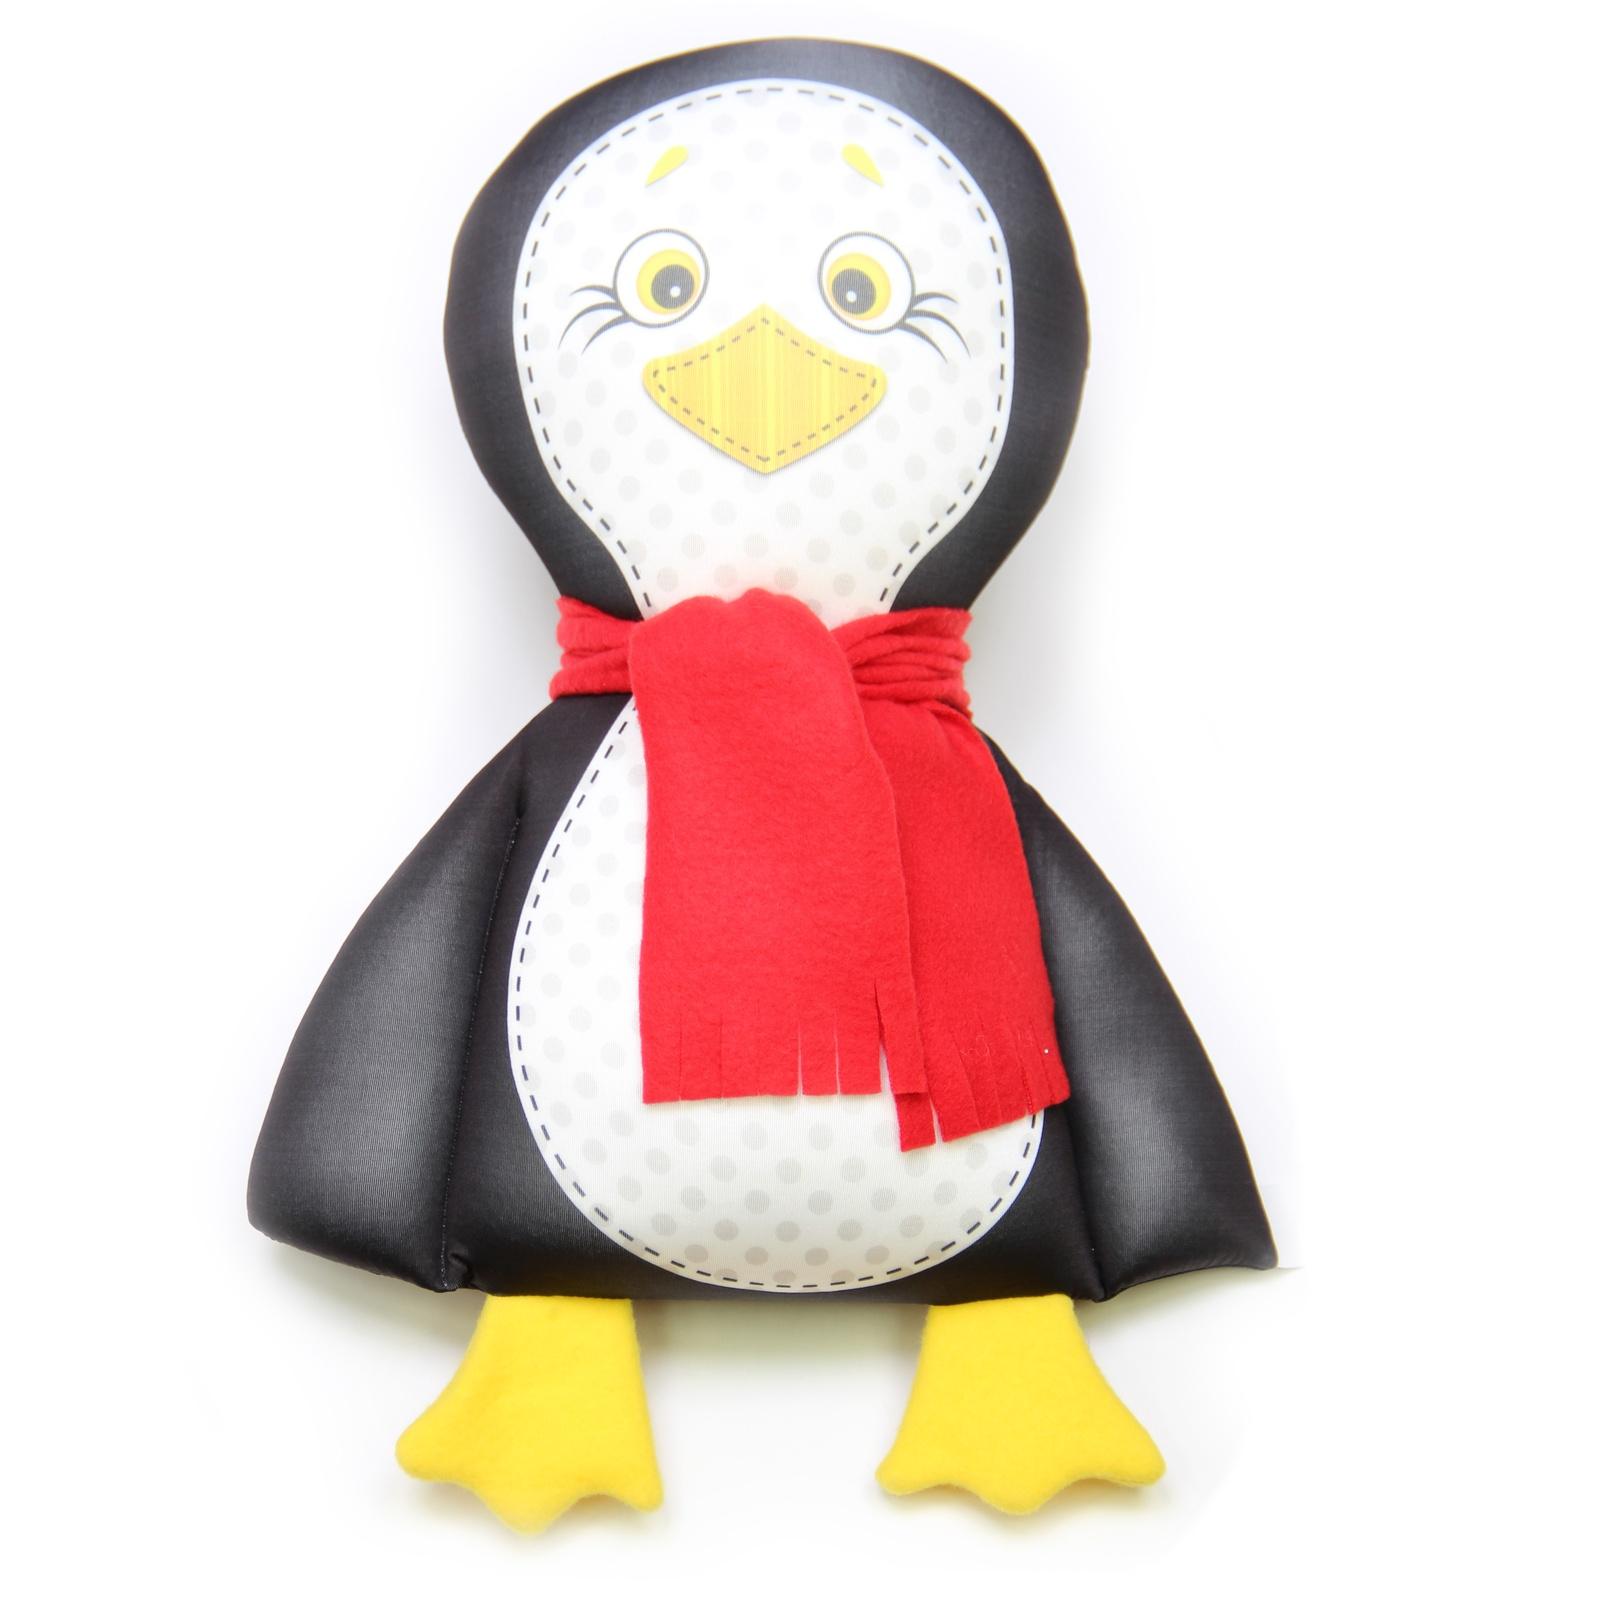 Штучки, к которым тянутся ручки Игрушка для ванной Смелые пташки Хрюша цвет зеленый игрушка для ванной штучки к которым тянутся ручки 14аси49ив 12